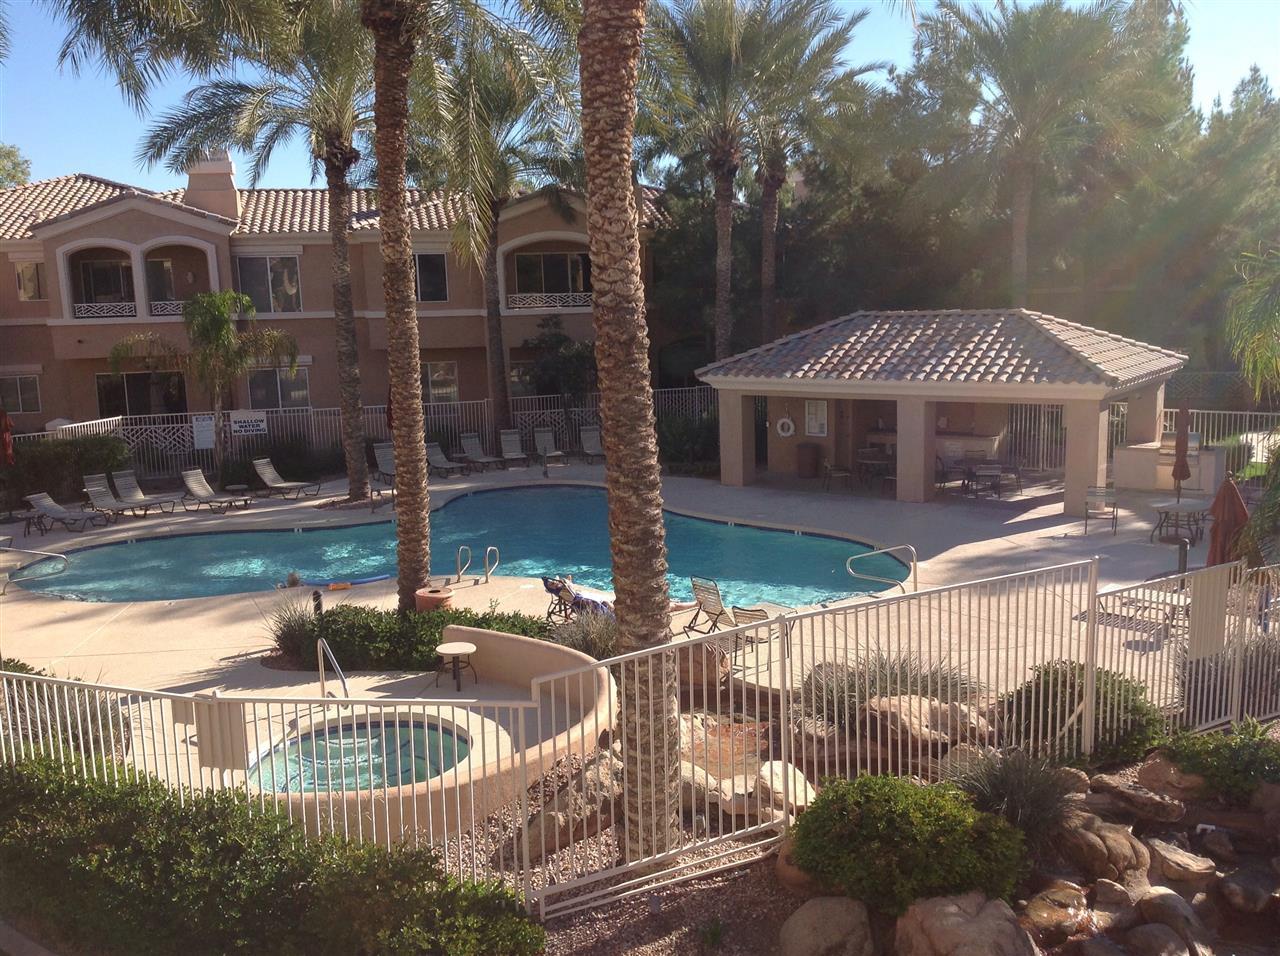 Resort style living in the desert